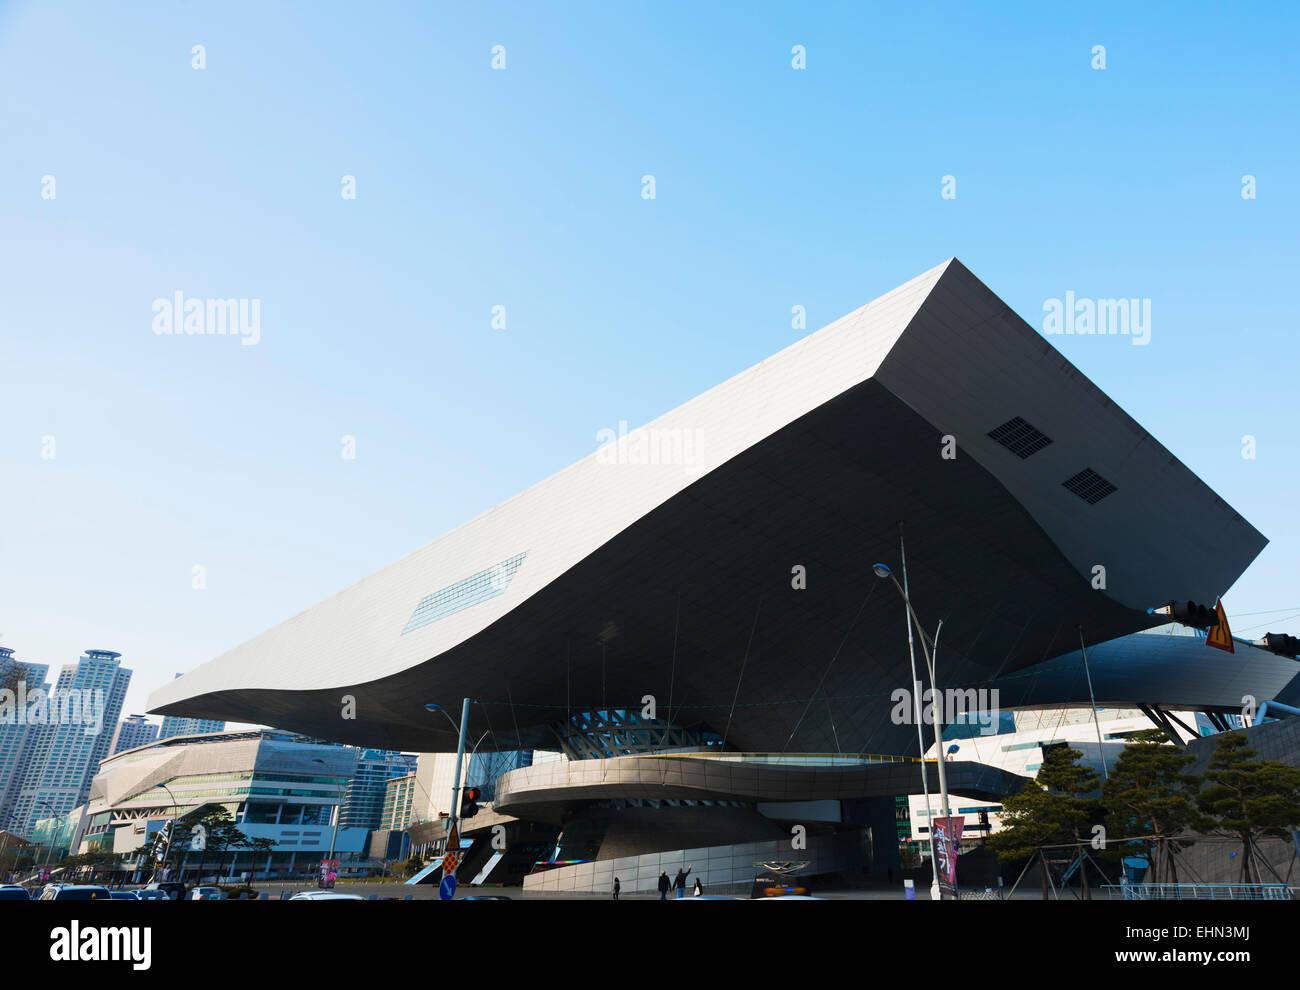 Asia, Republic of Korea, South Korea, Busan, Busan Cinema Center, cantilever roof - Stock Image